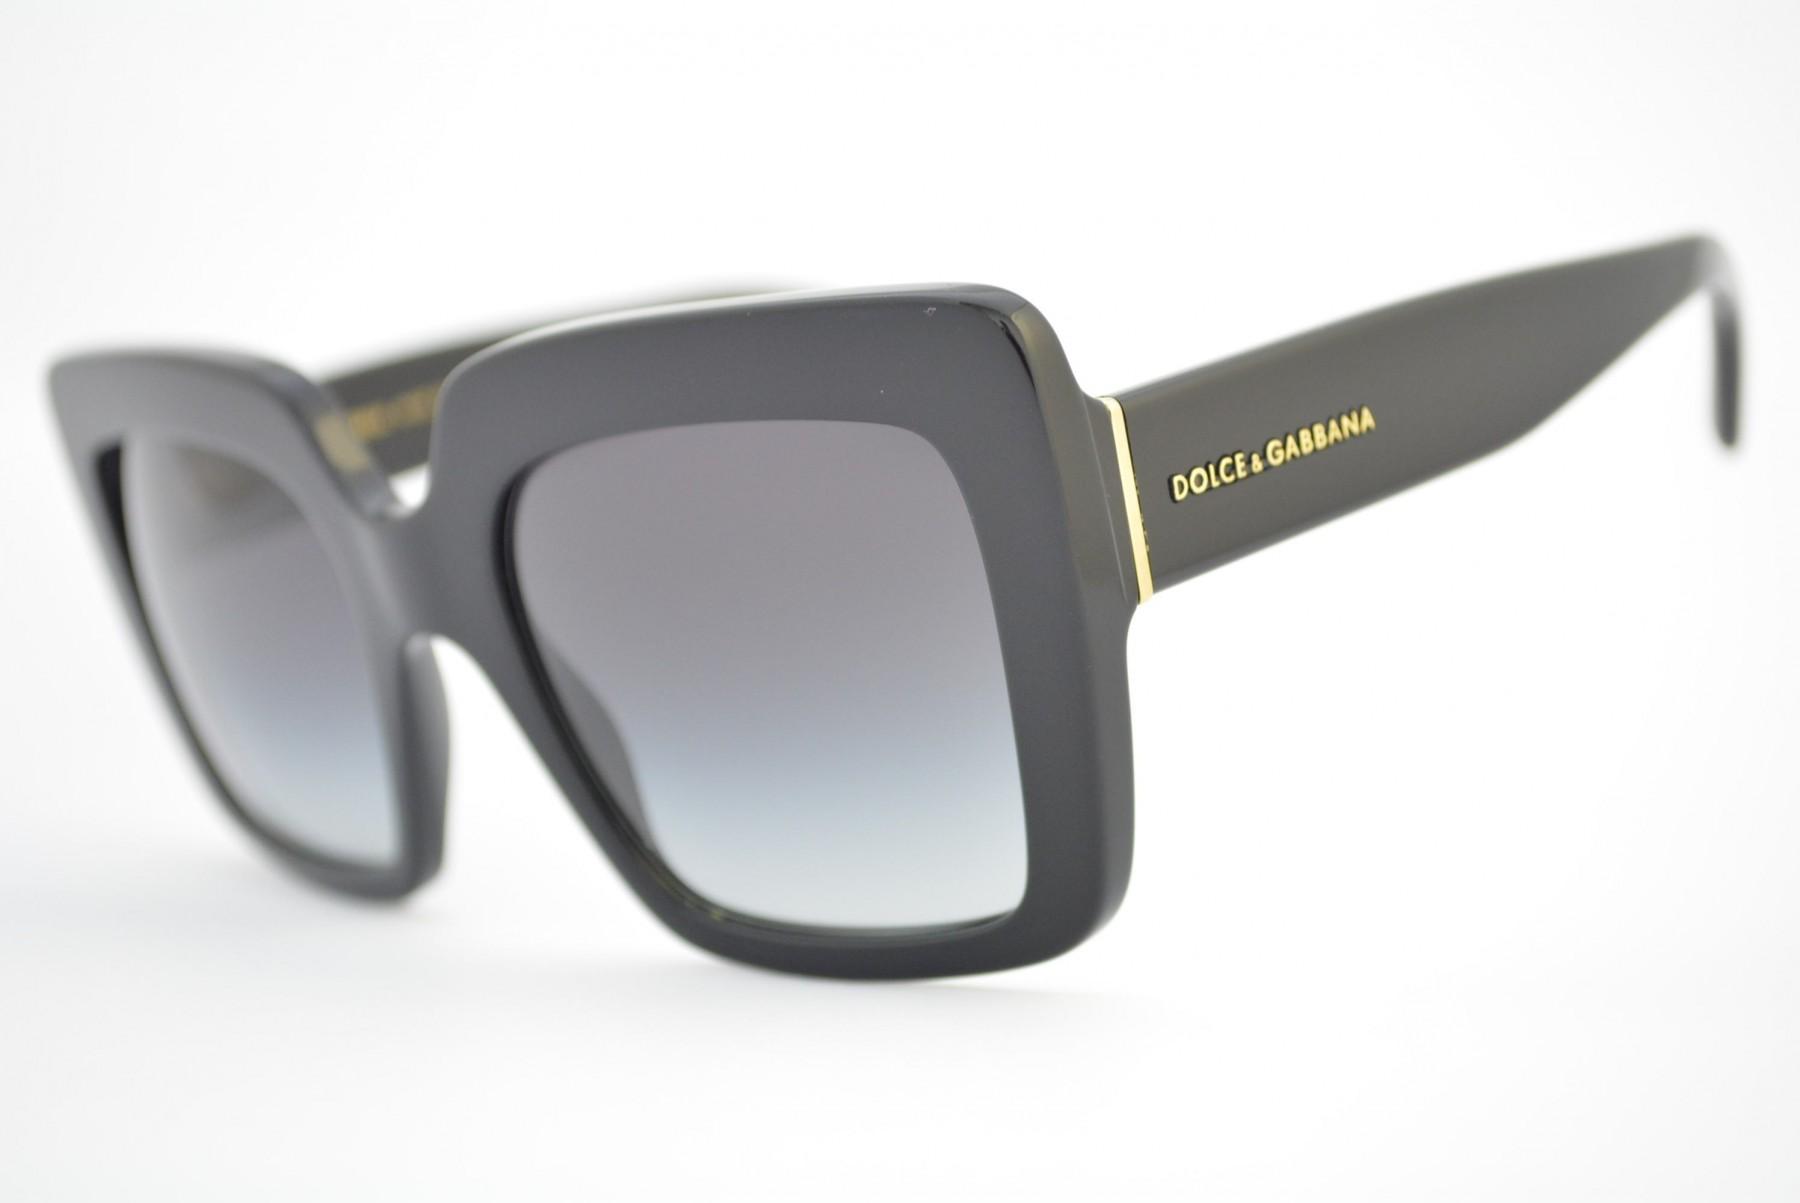 1281b05141428 óculos de sol Dolce   Gabbana mod DG4310 501 8G. Código  dg4310 501 8g